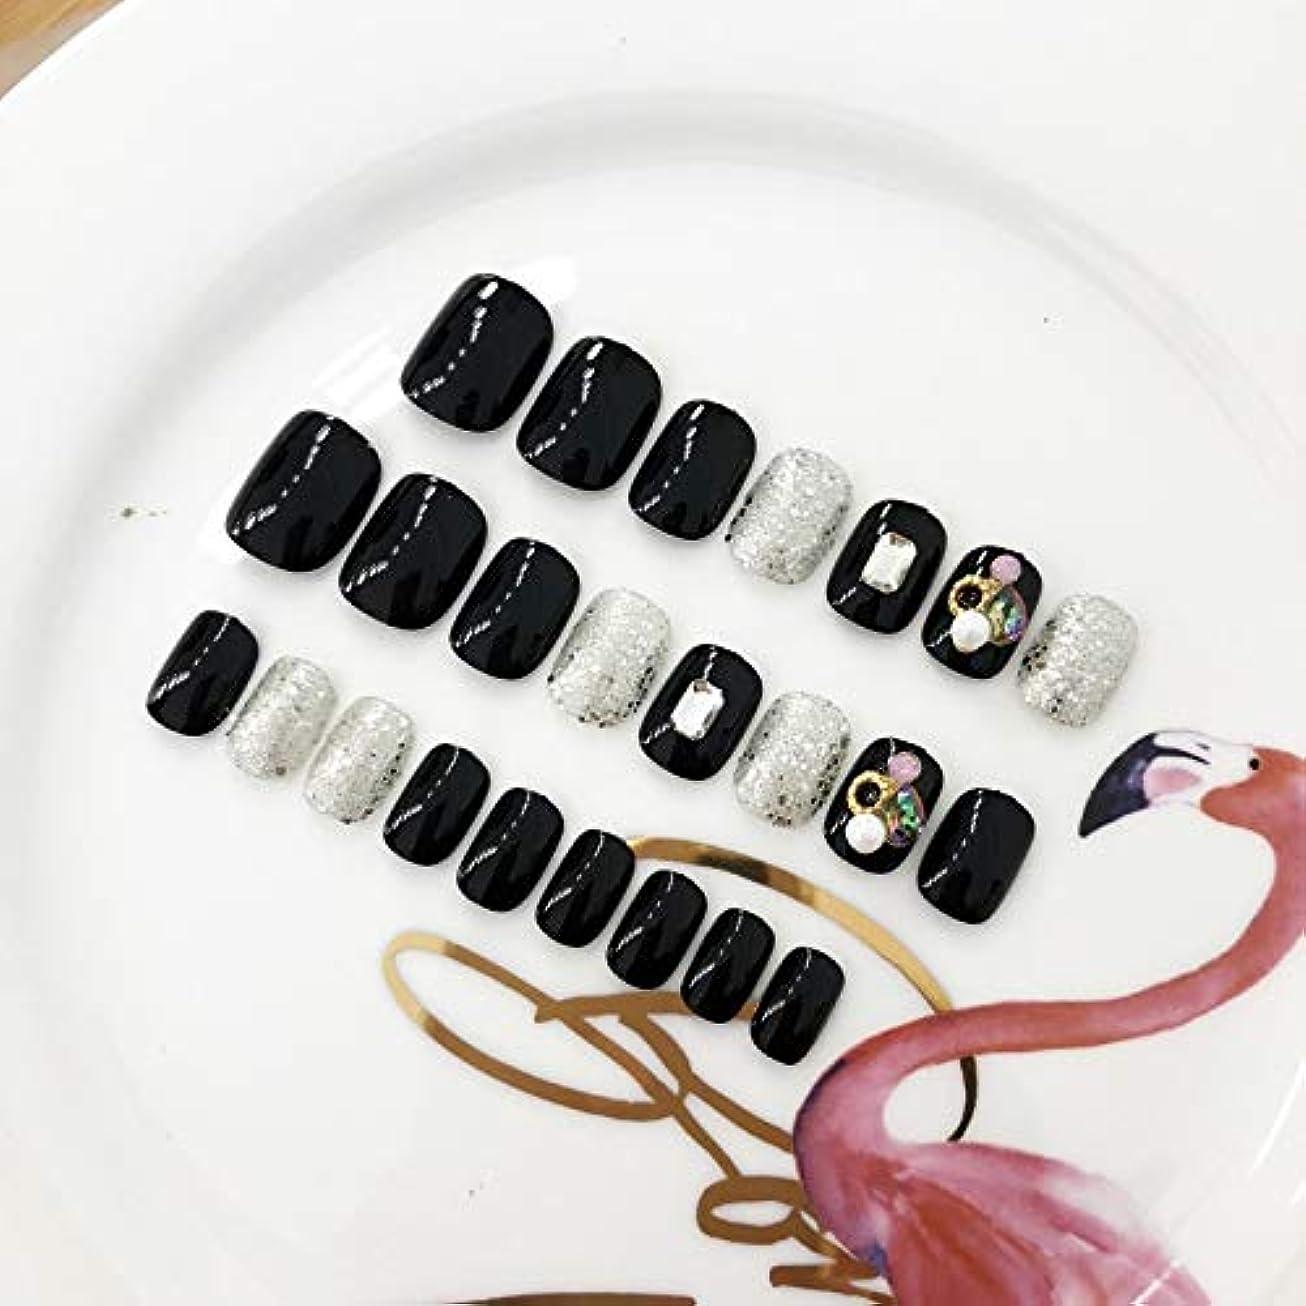 マイルド降ろすダメージAFAEF HOME 24個12サイズのブラックダイヤモンドネイルパッチ付き偽爪ロングフルカバーネイルチップ(黒)